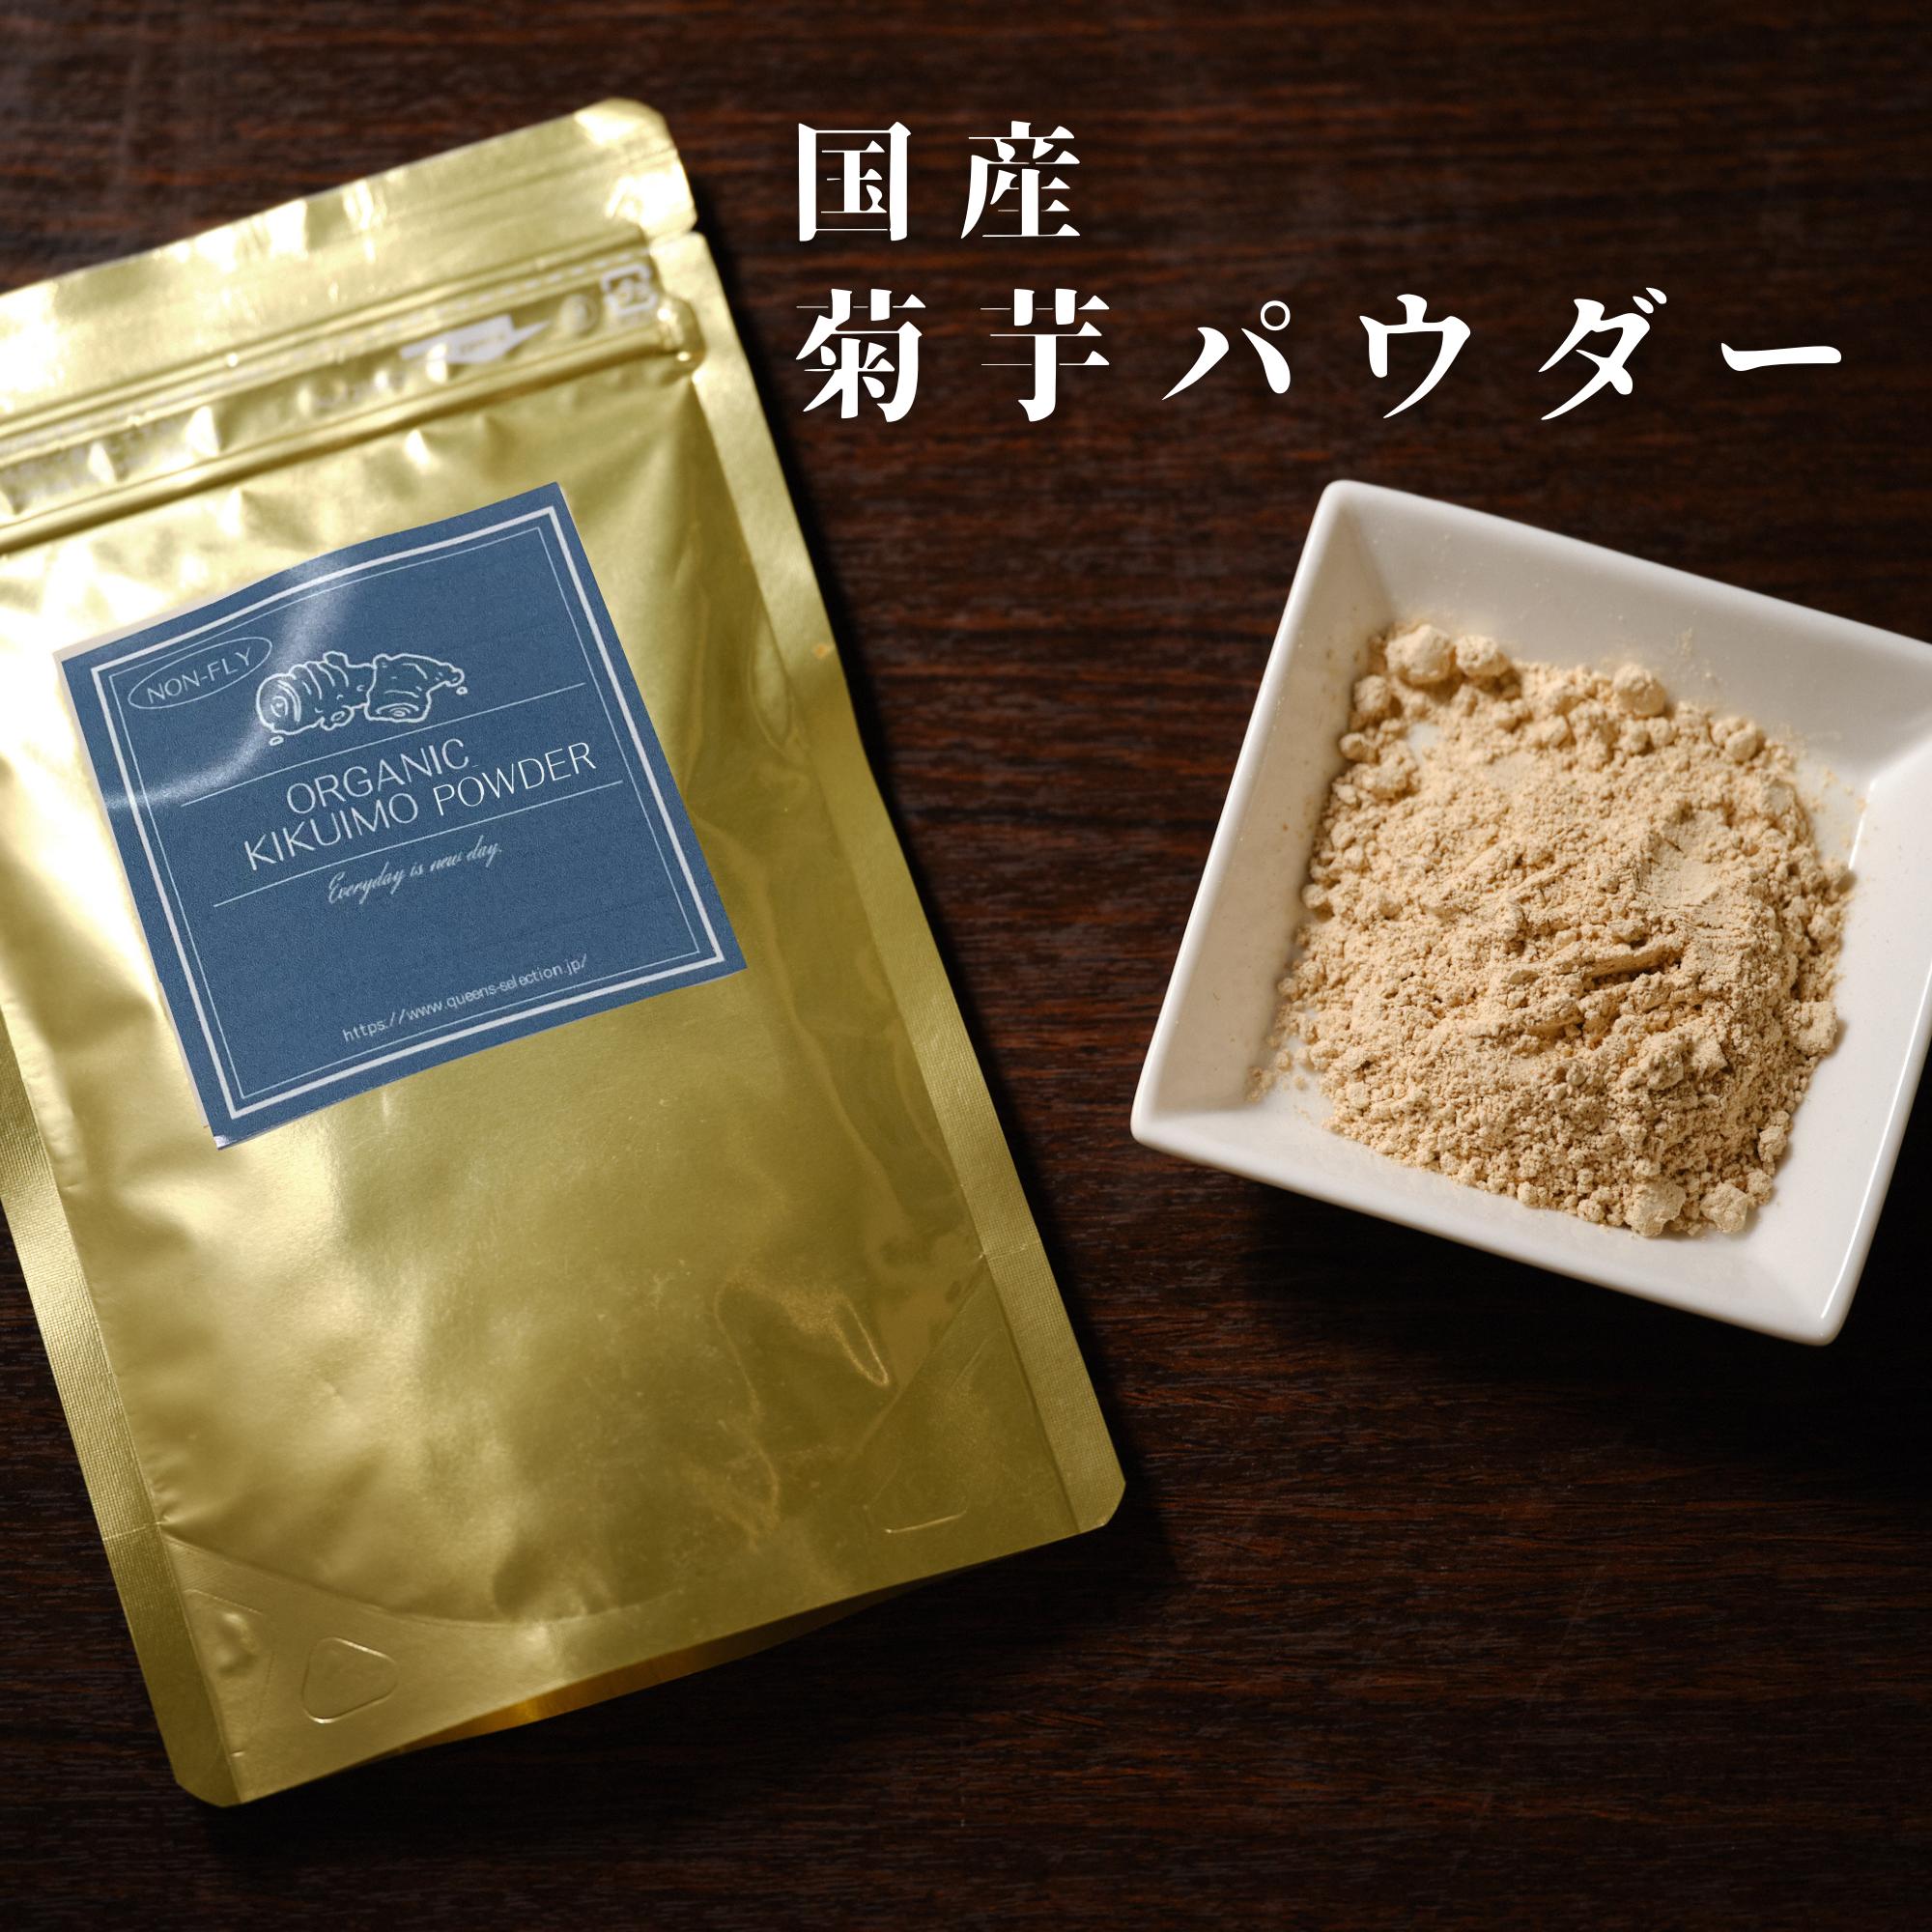 菊芋パウダー 国産菊芋を使用したスーパーフード | 敬老の日 お歳暮ギフト プレゼント 誕生日 お取り寄せ